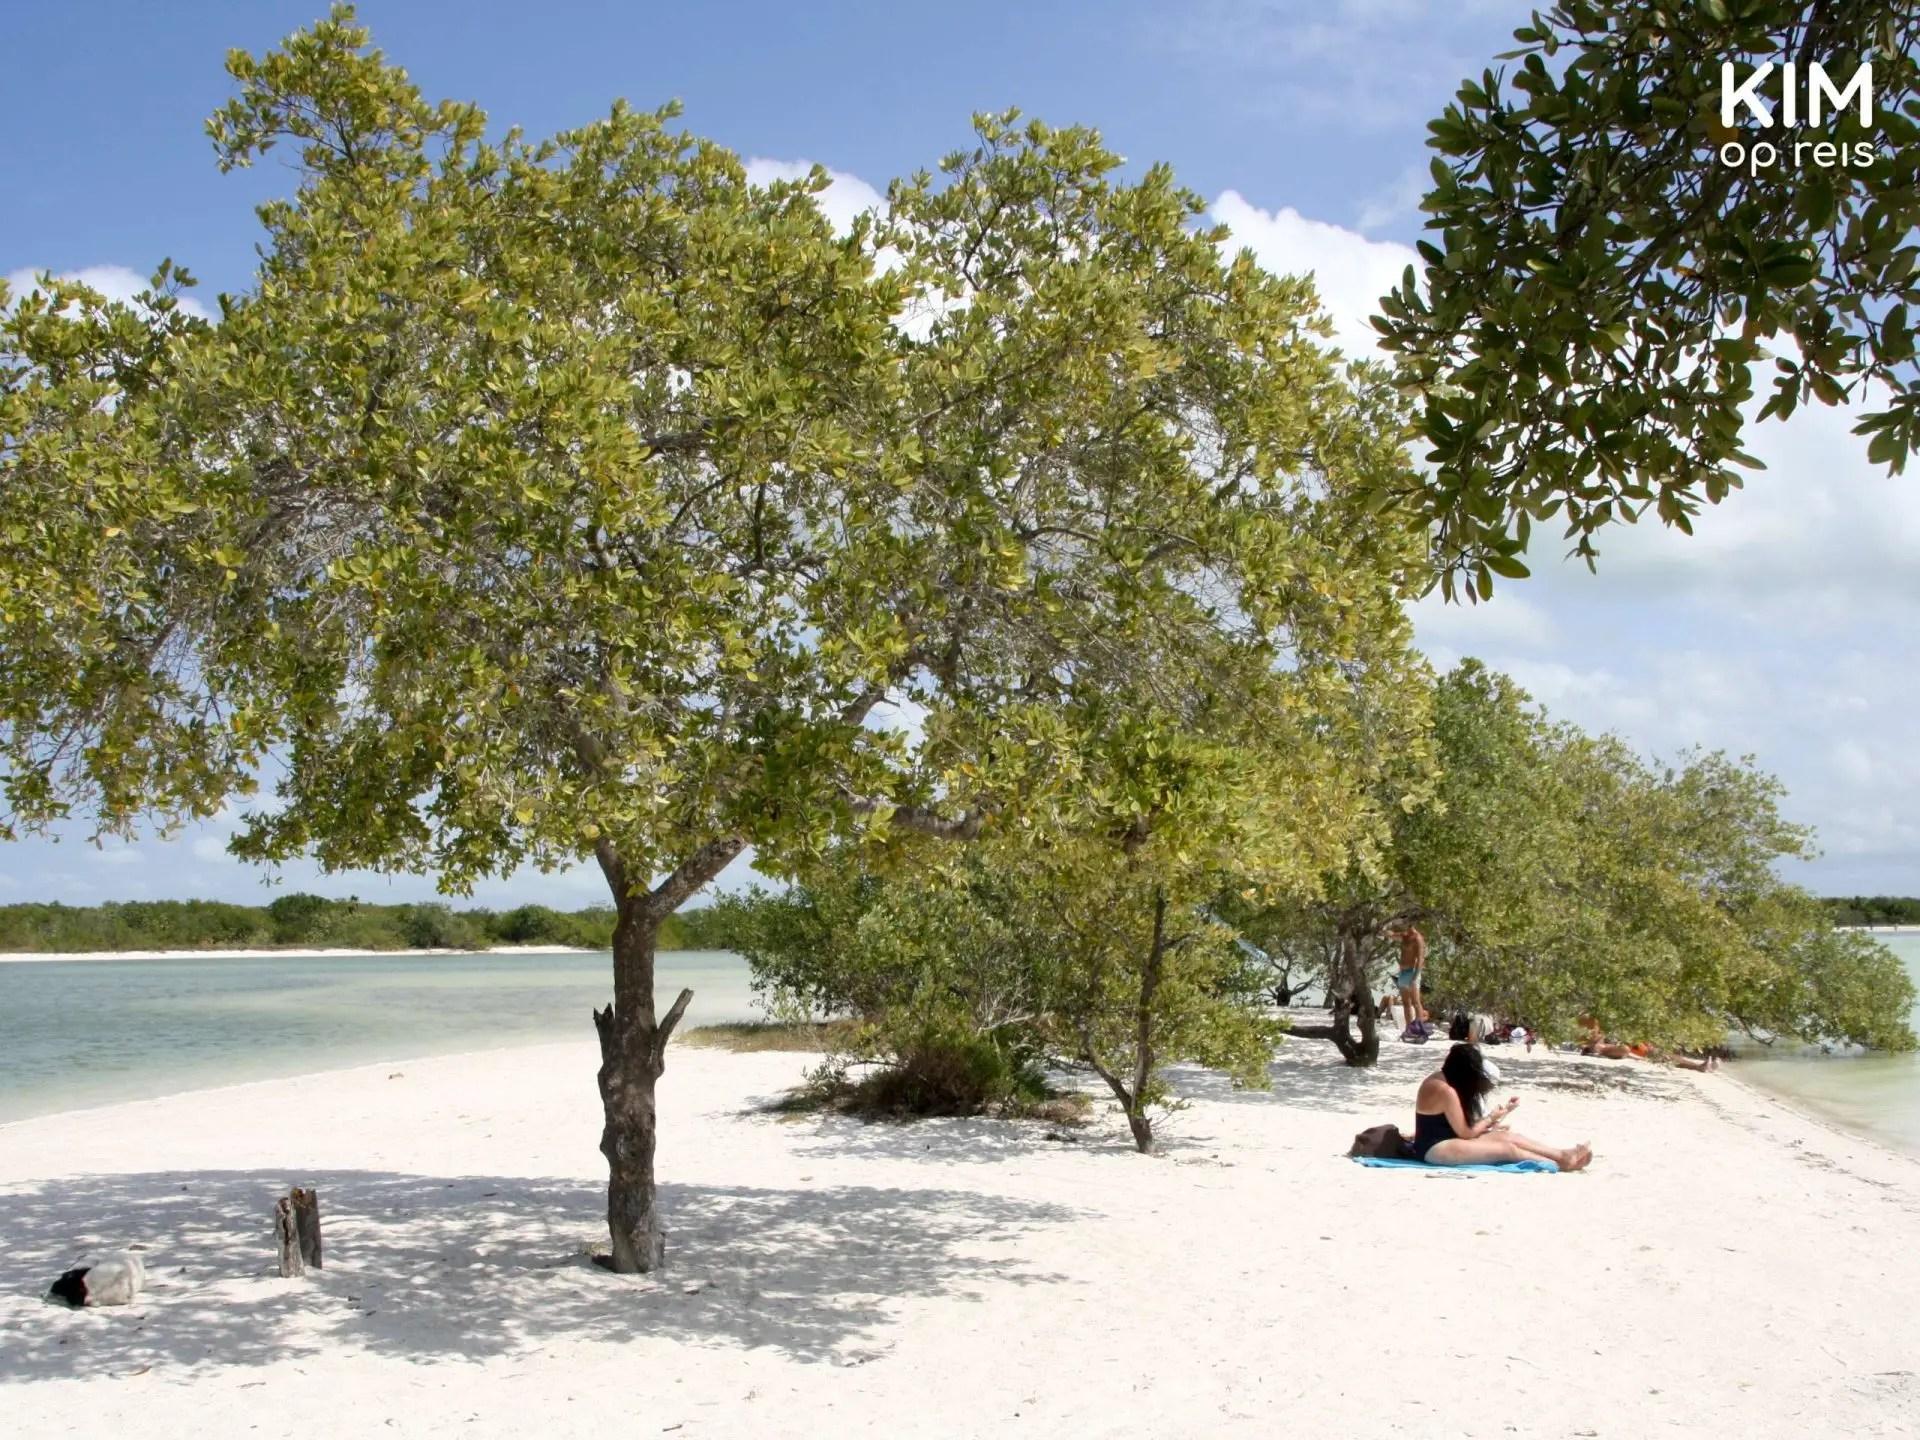 Isla Holbox strand bomen: strand met daarop enkele bomen